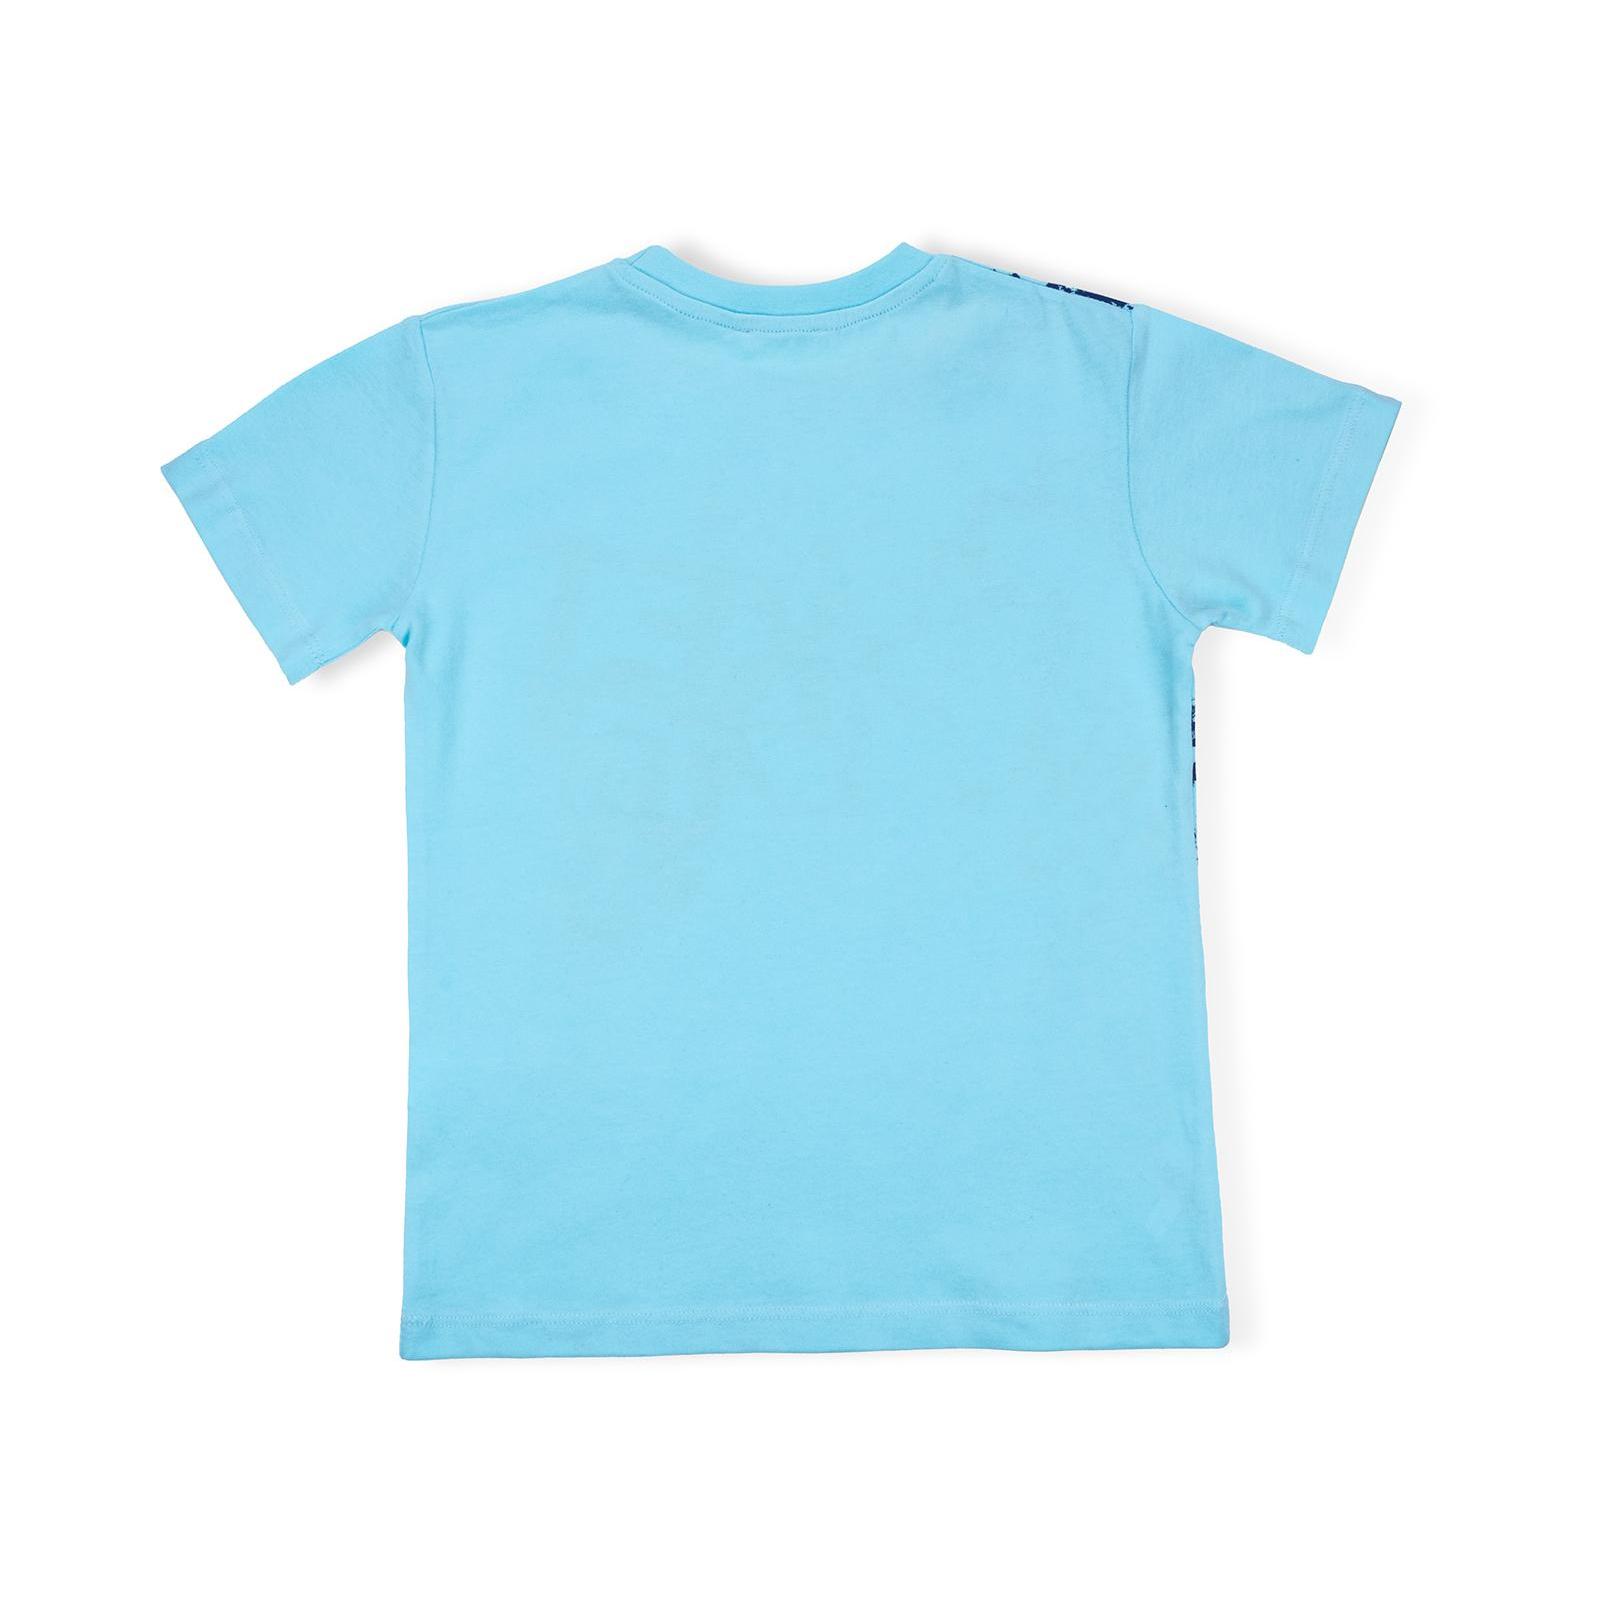 """Футболка детская Breeze с шортами """"XFT"""" (10925-146B-blue) изображение 5"""